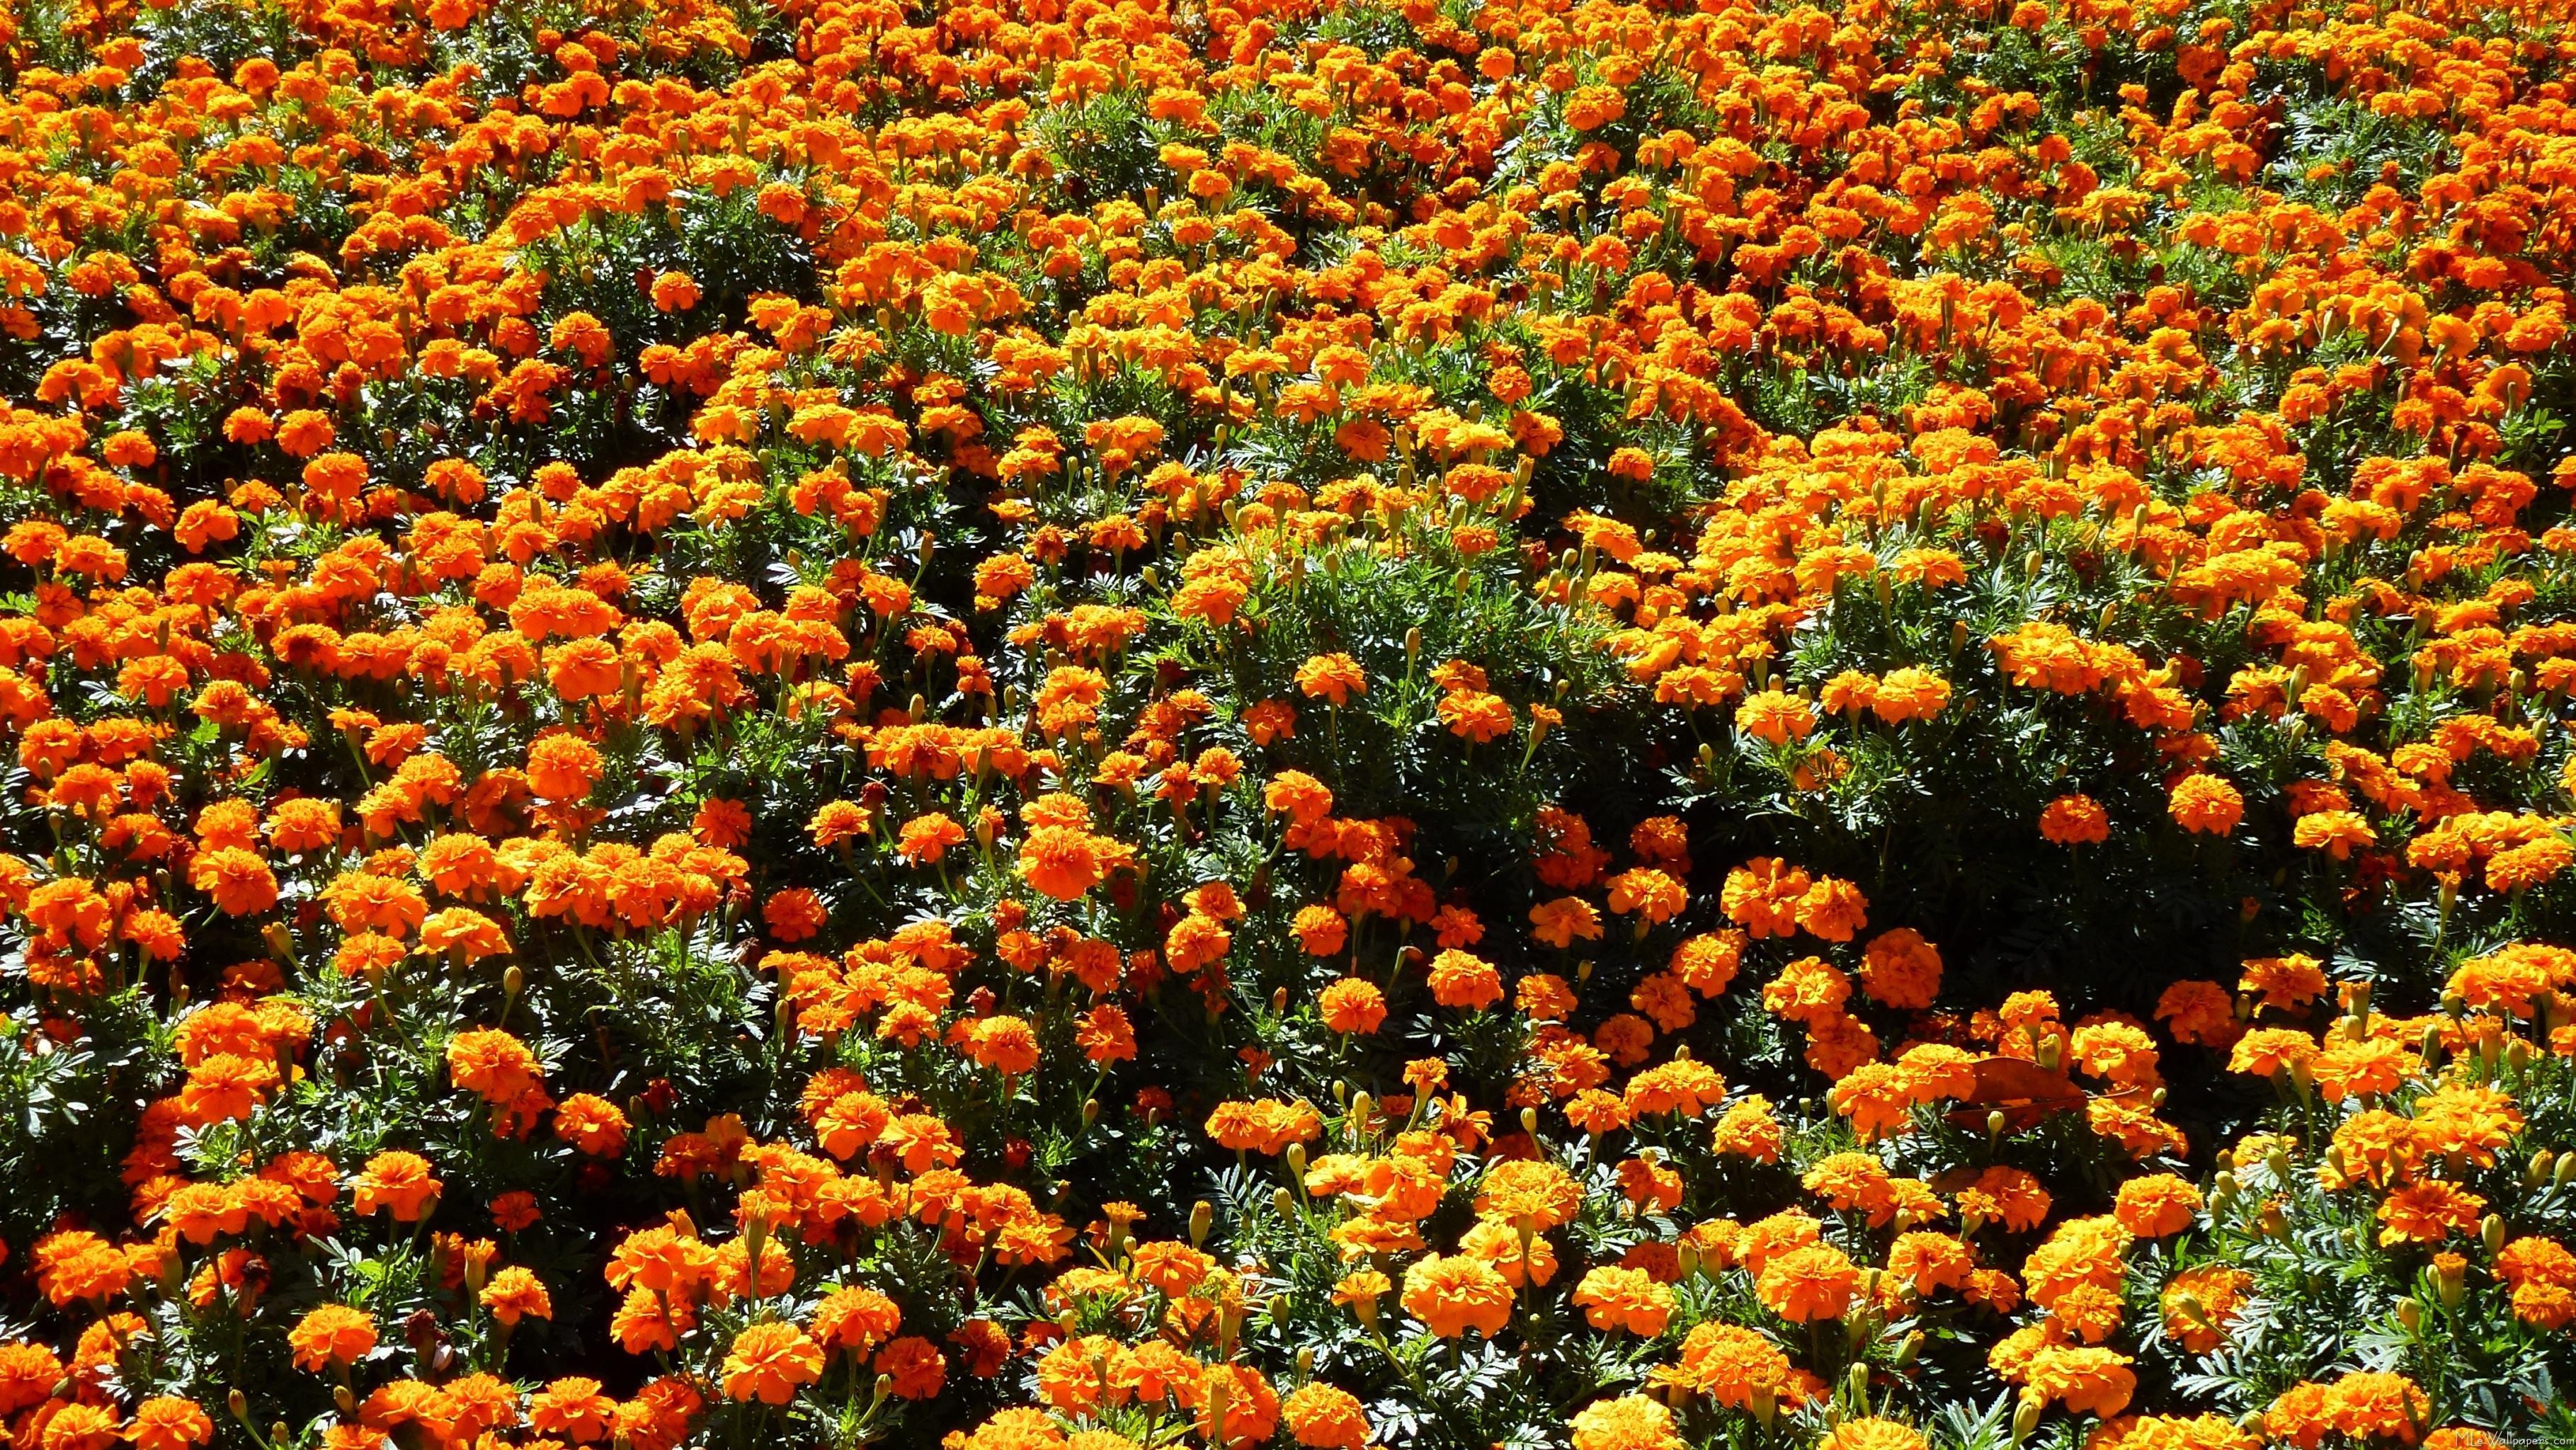 Free photo: Orange garden flower - Outdoors, Orange, Small - Free ...